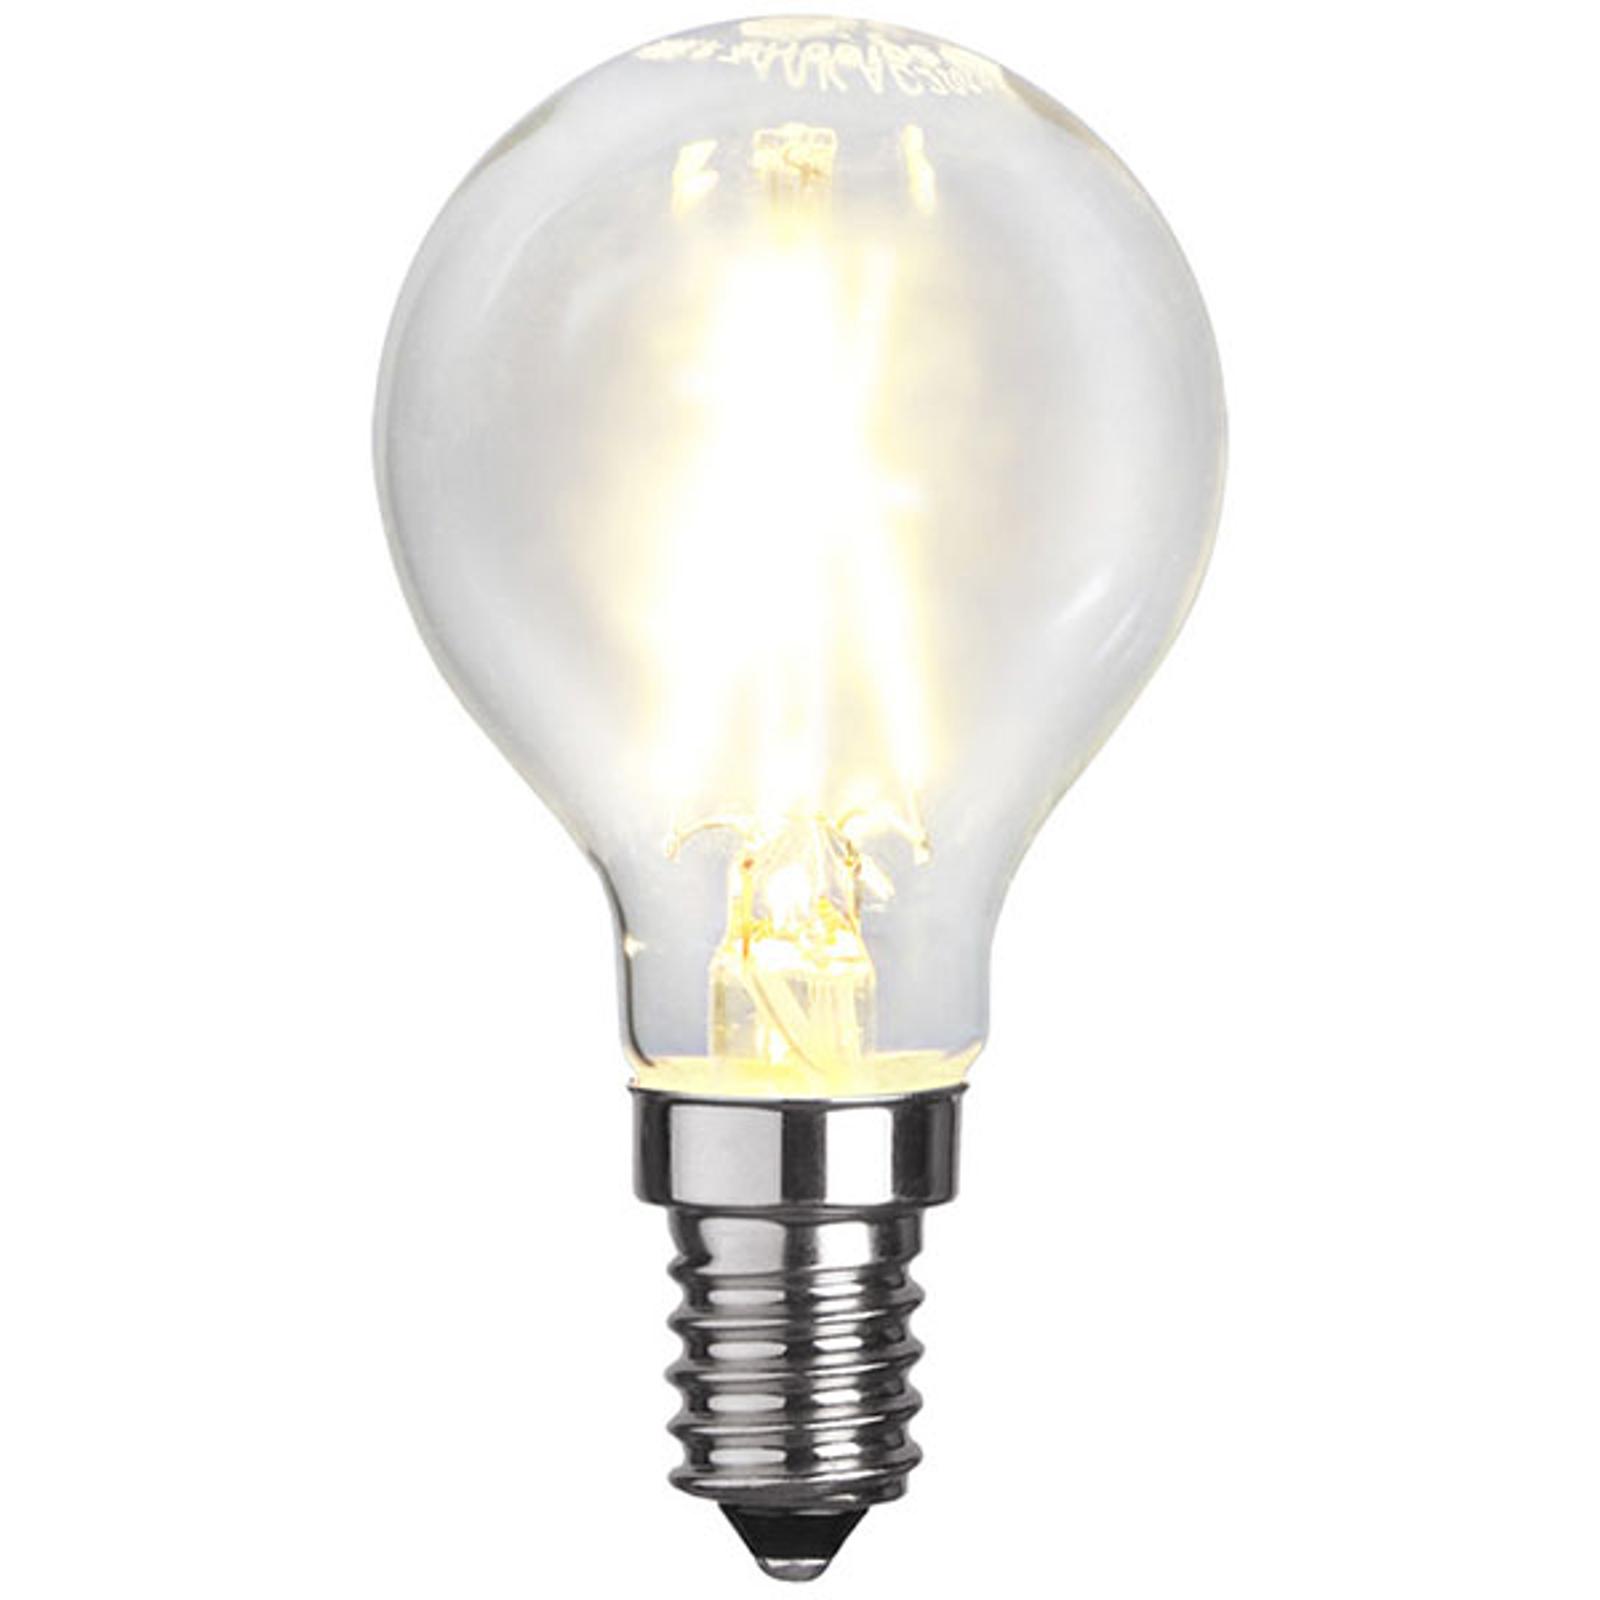 Żarówka kropla LED E14 P45 2W 2700K filament